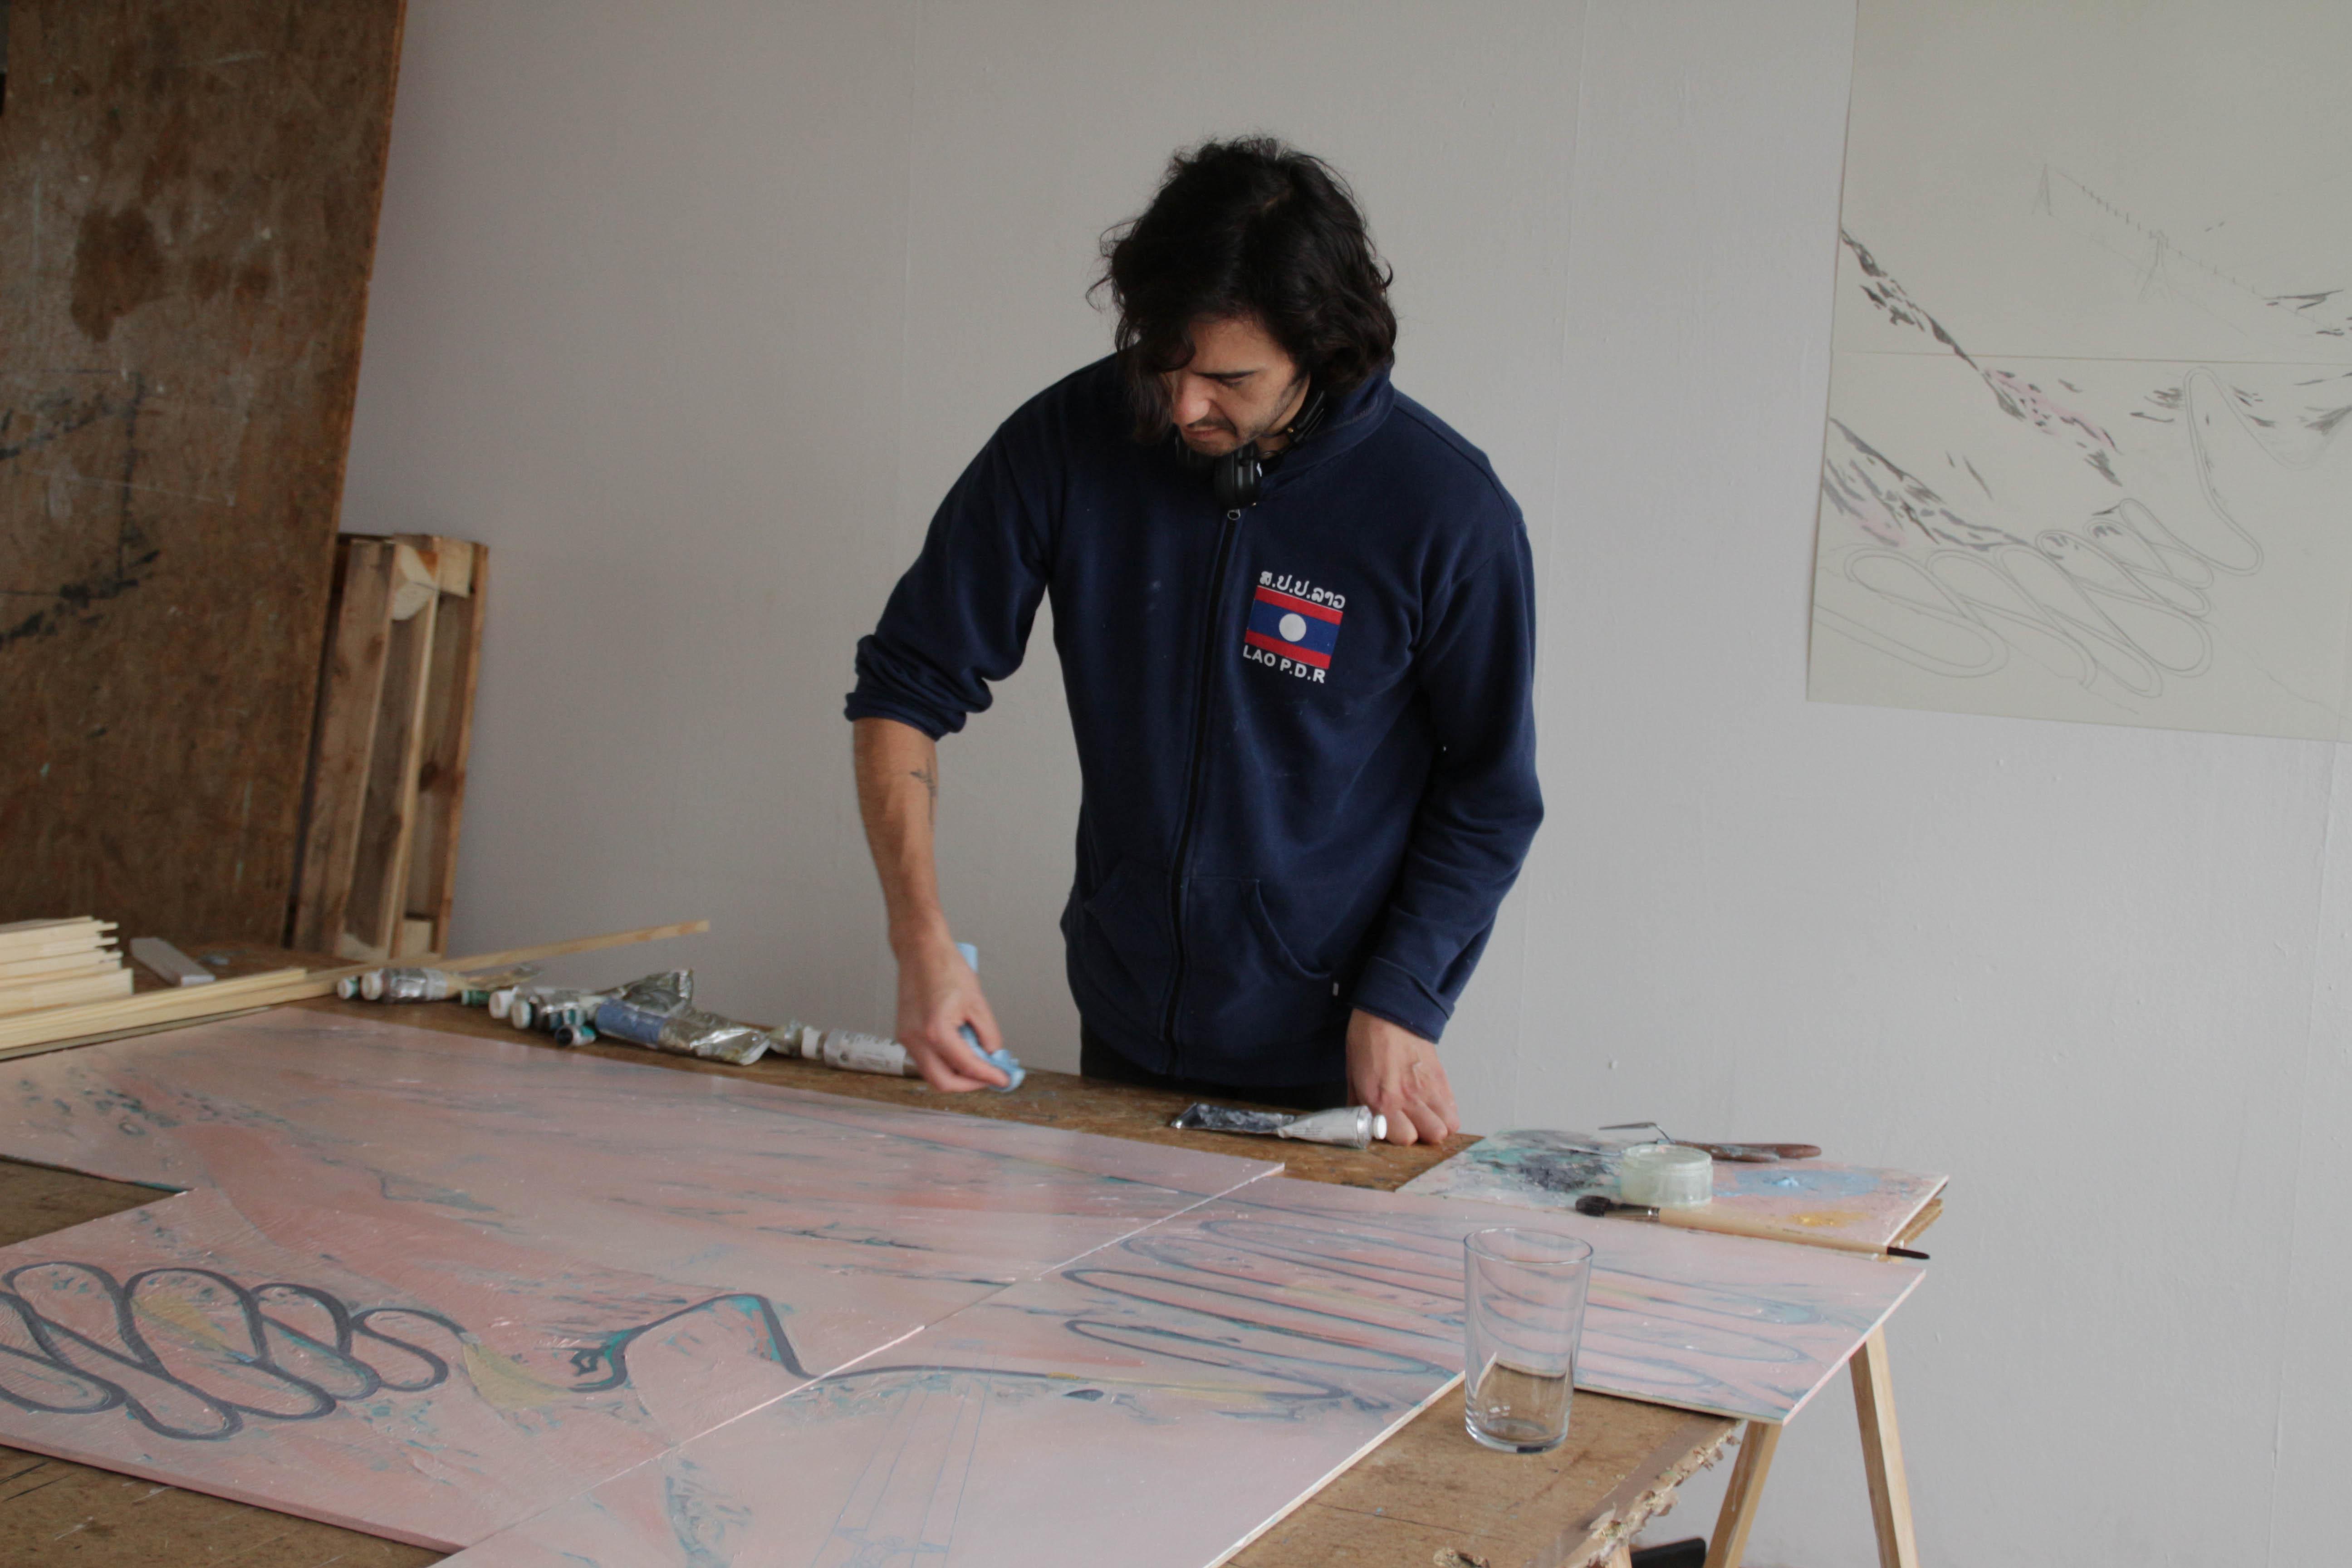 PKRD-45-Sebastian-Hermida-at-PILOTENKUECHE-International-Art-Program-1-4